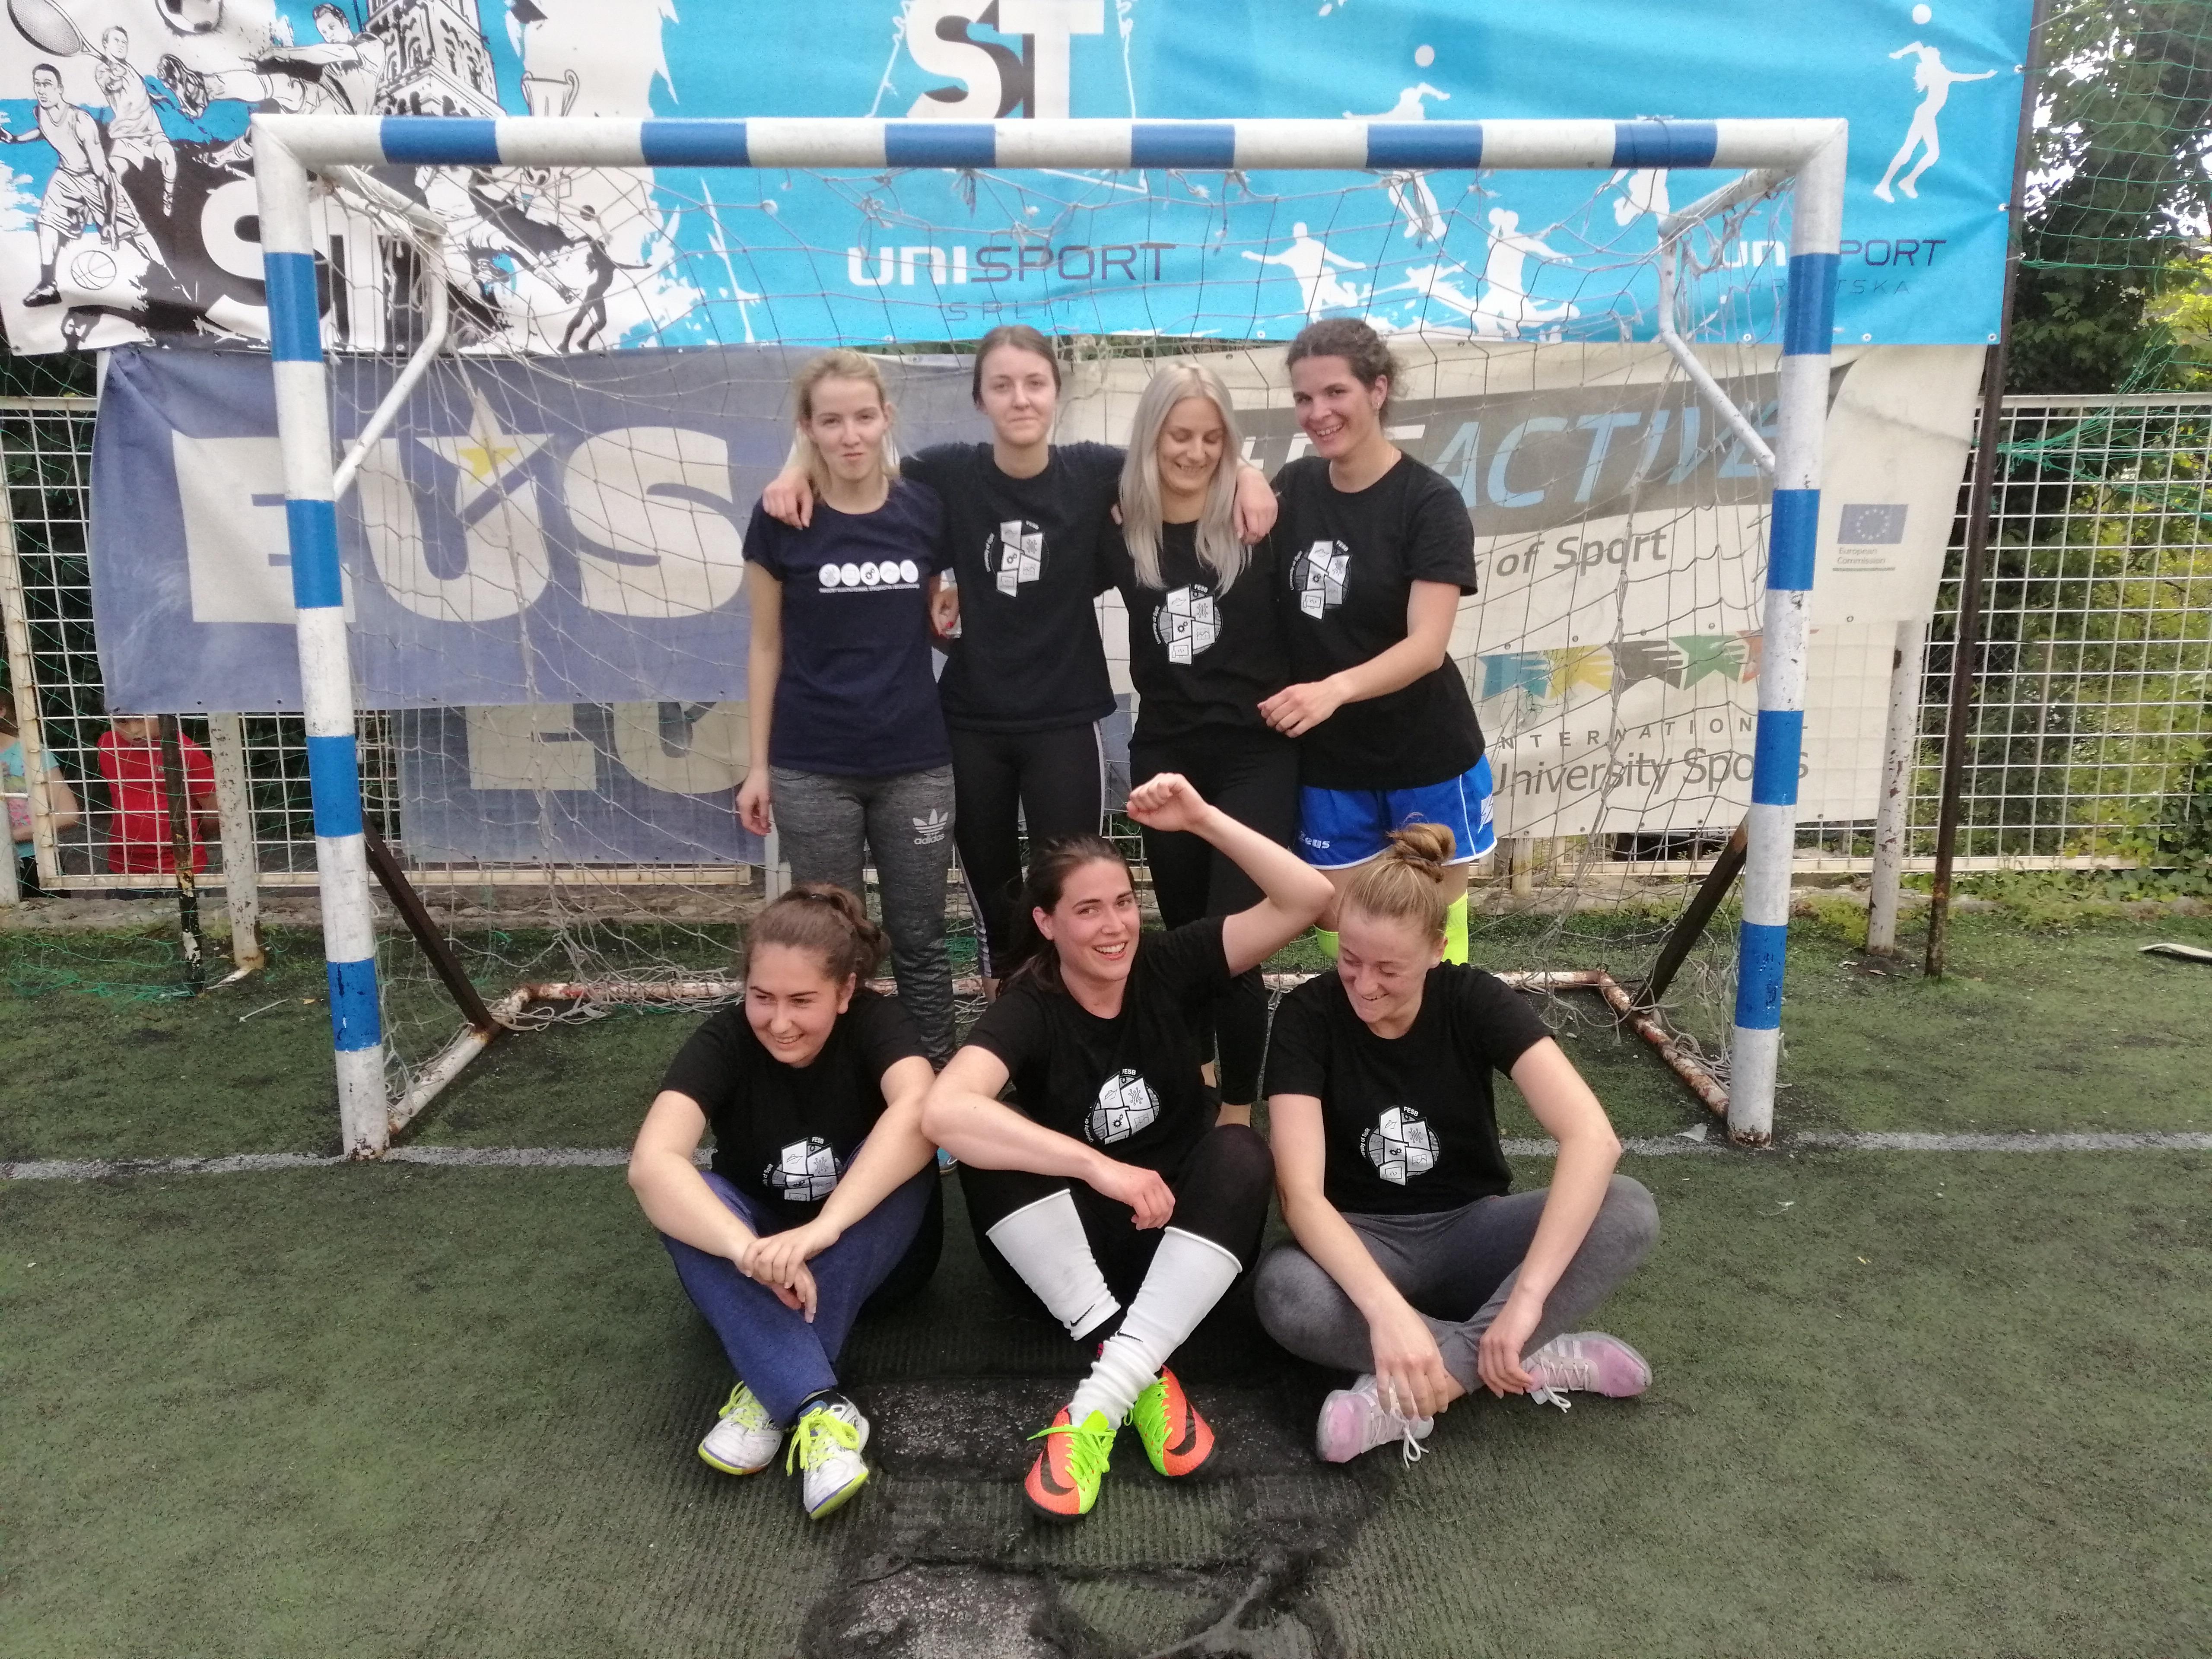 Studentice nogomet 2018/19